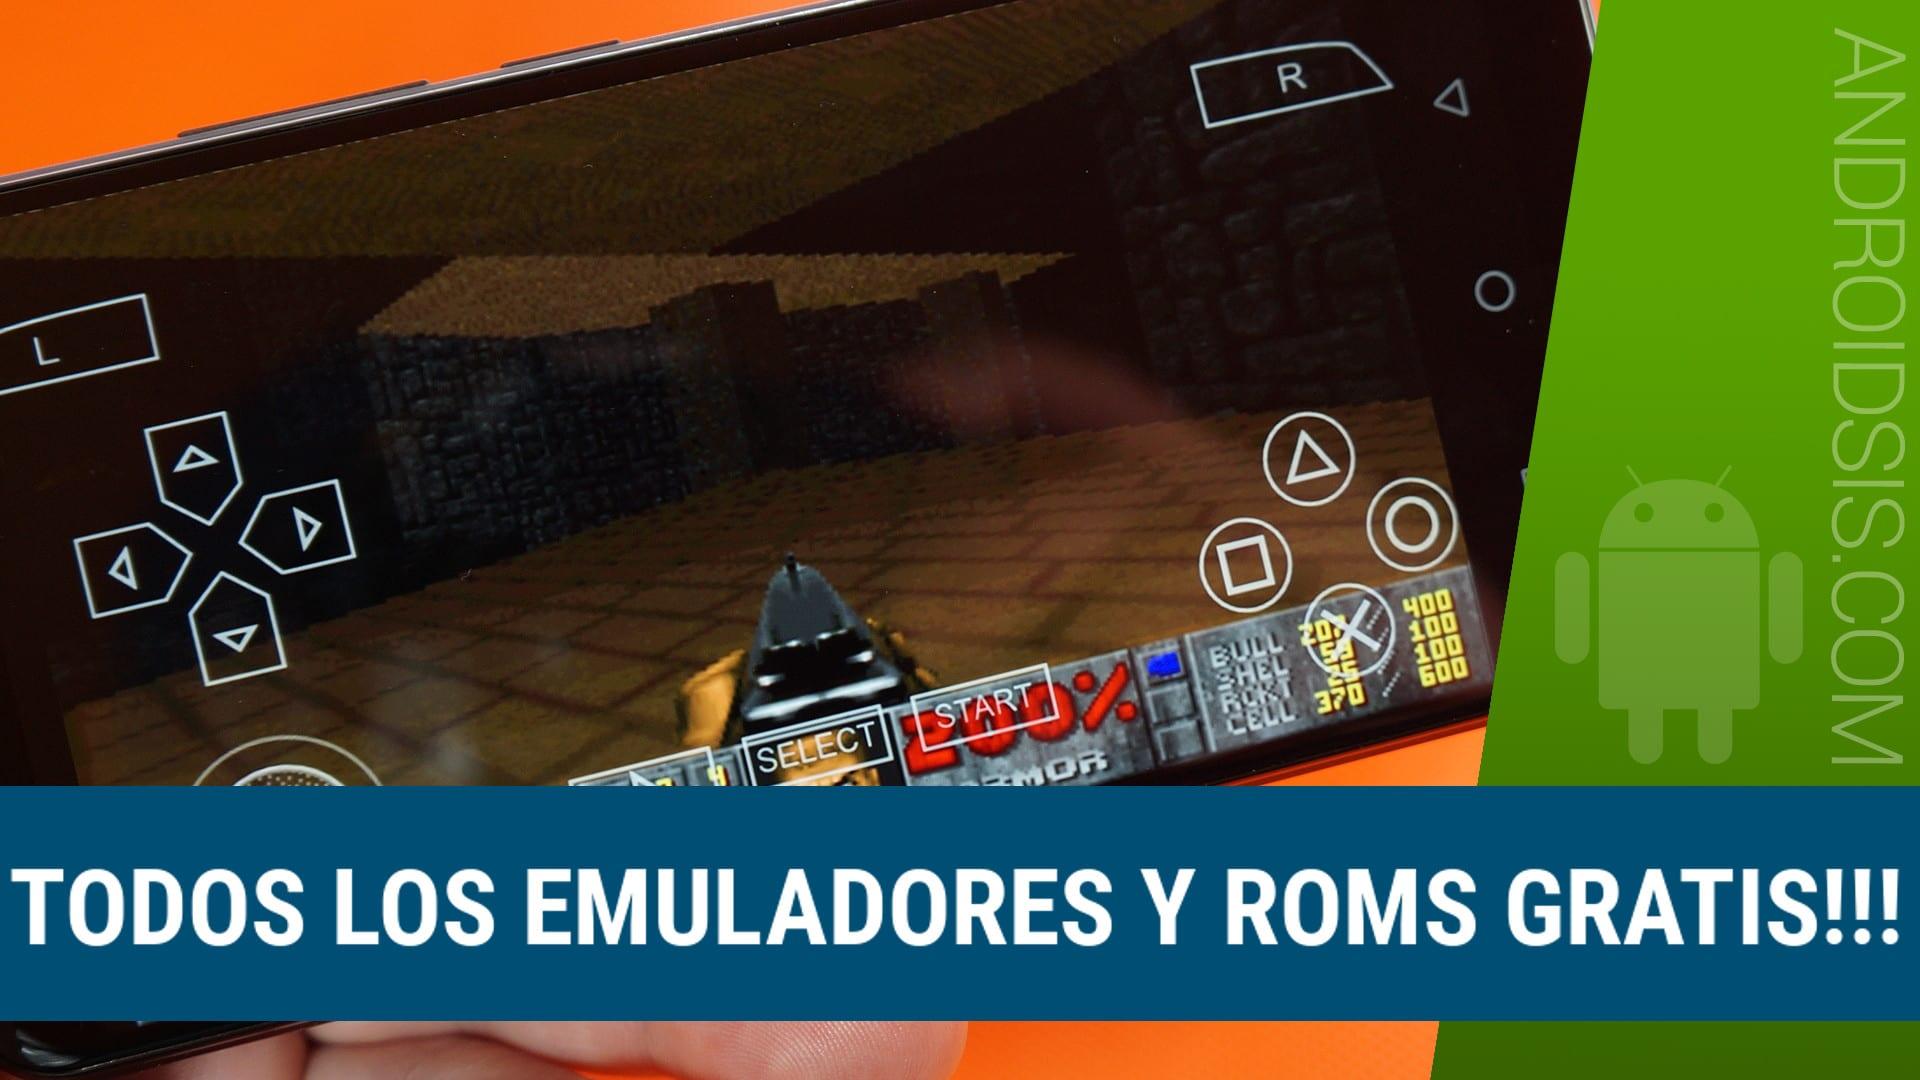 [APK] Cómo tener todos los emuladores y juegos gratis en tu Android